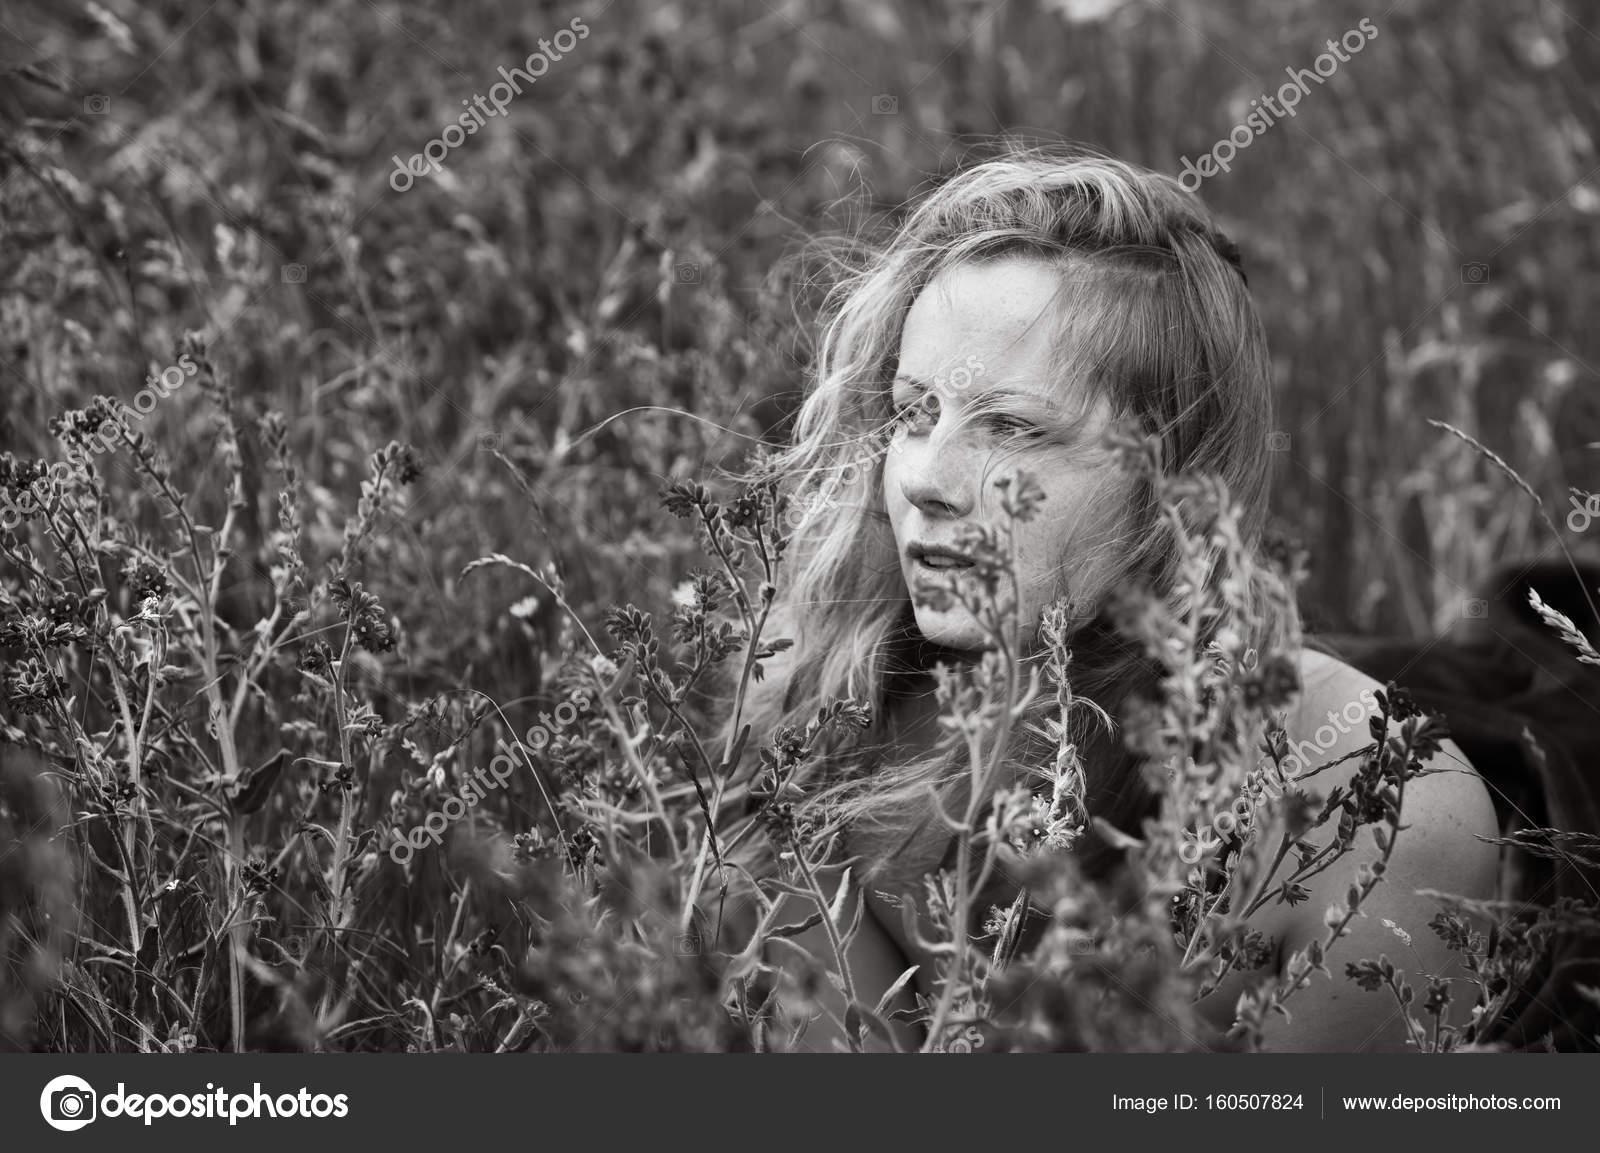 Artystyczny Portret Piegowaty Kobiety Na Tle Naturalny Zdjęcie